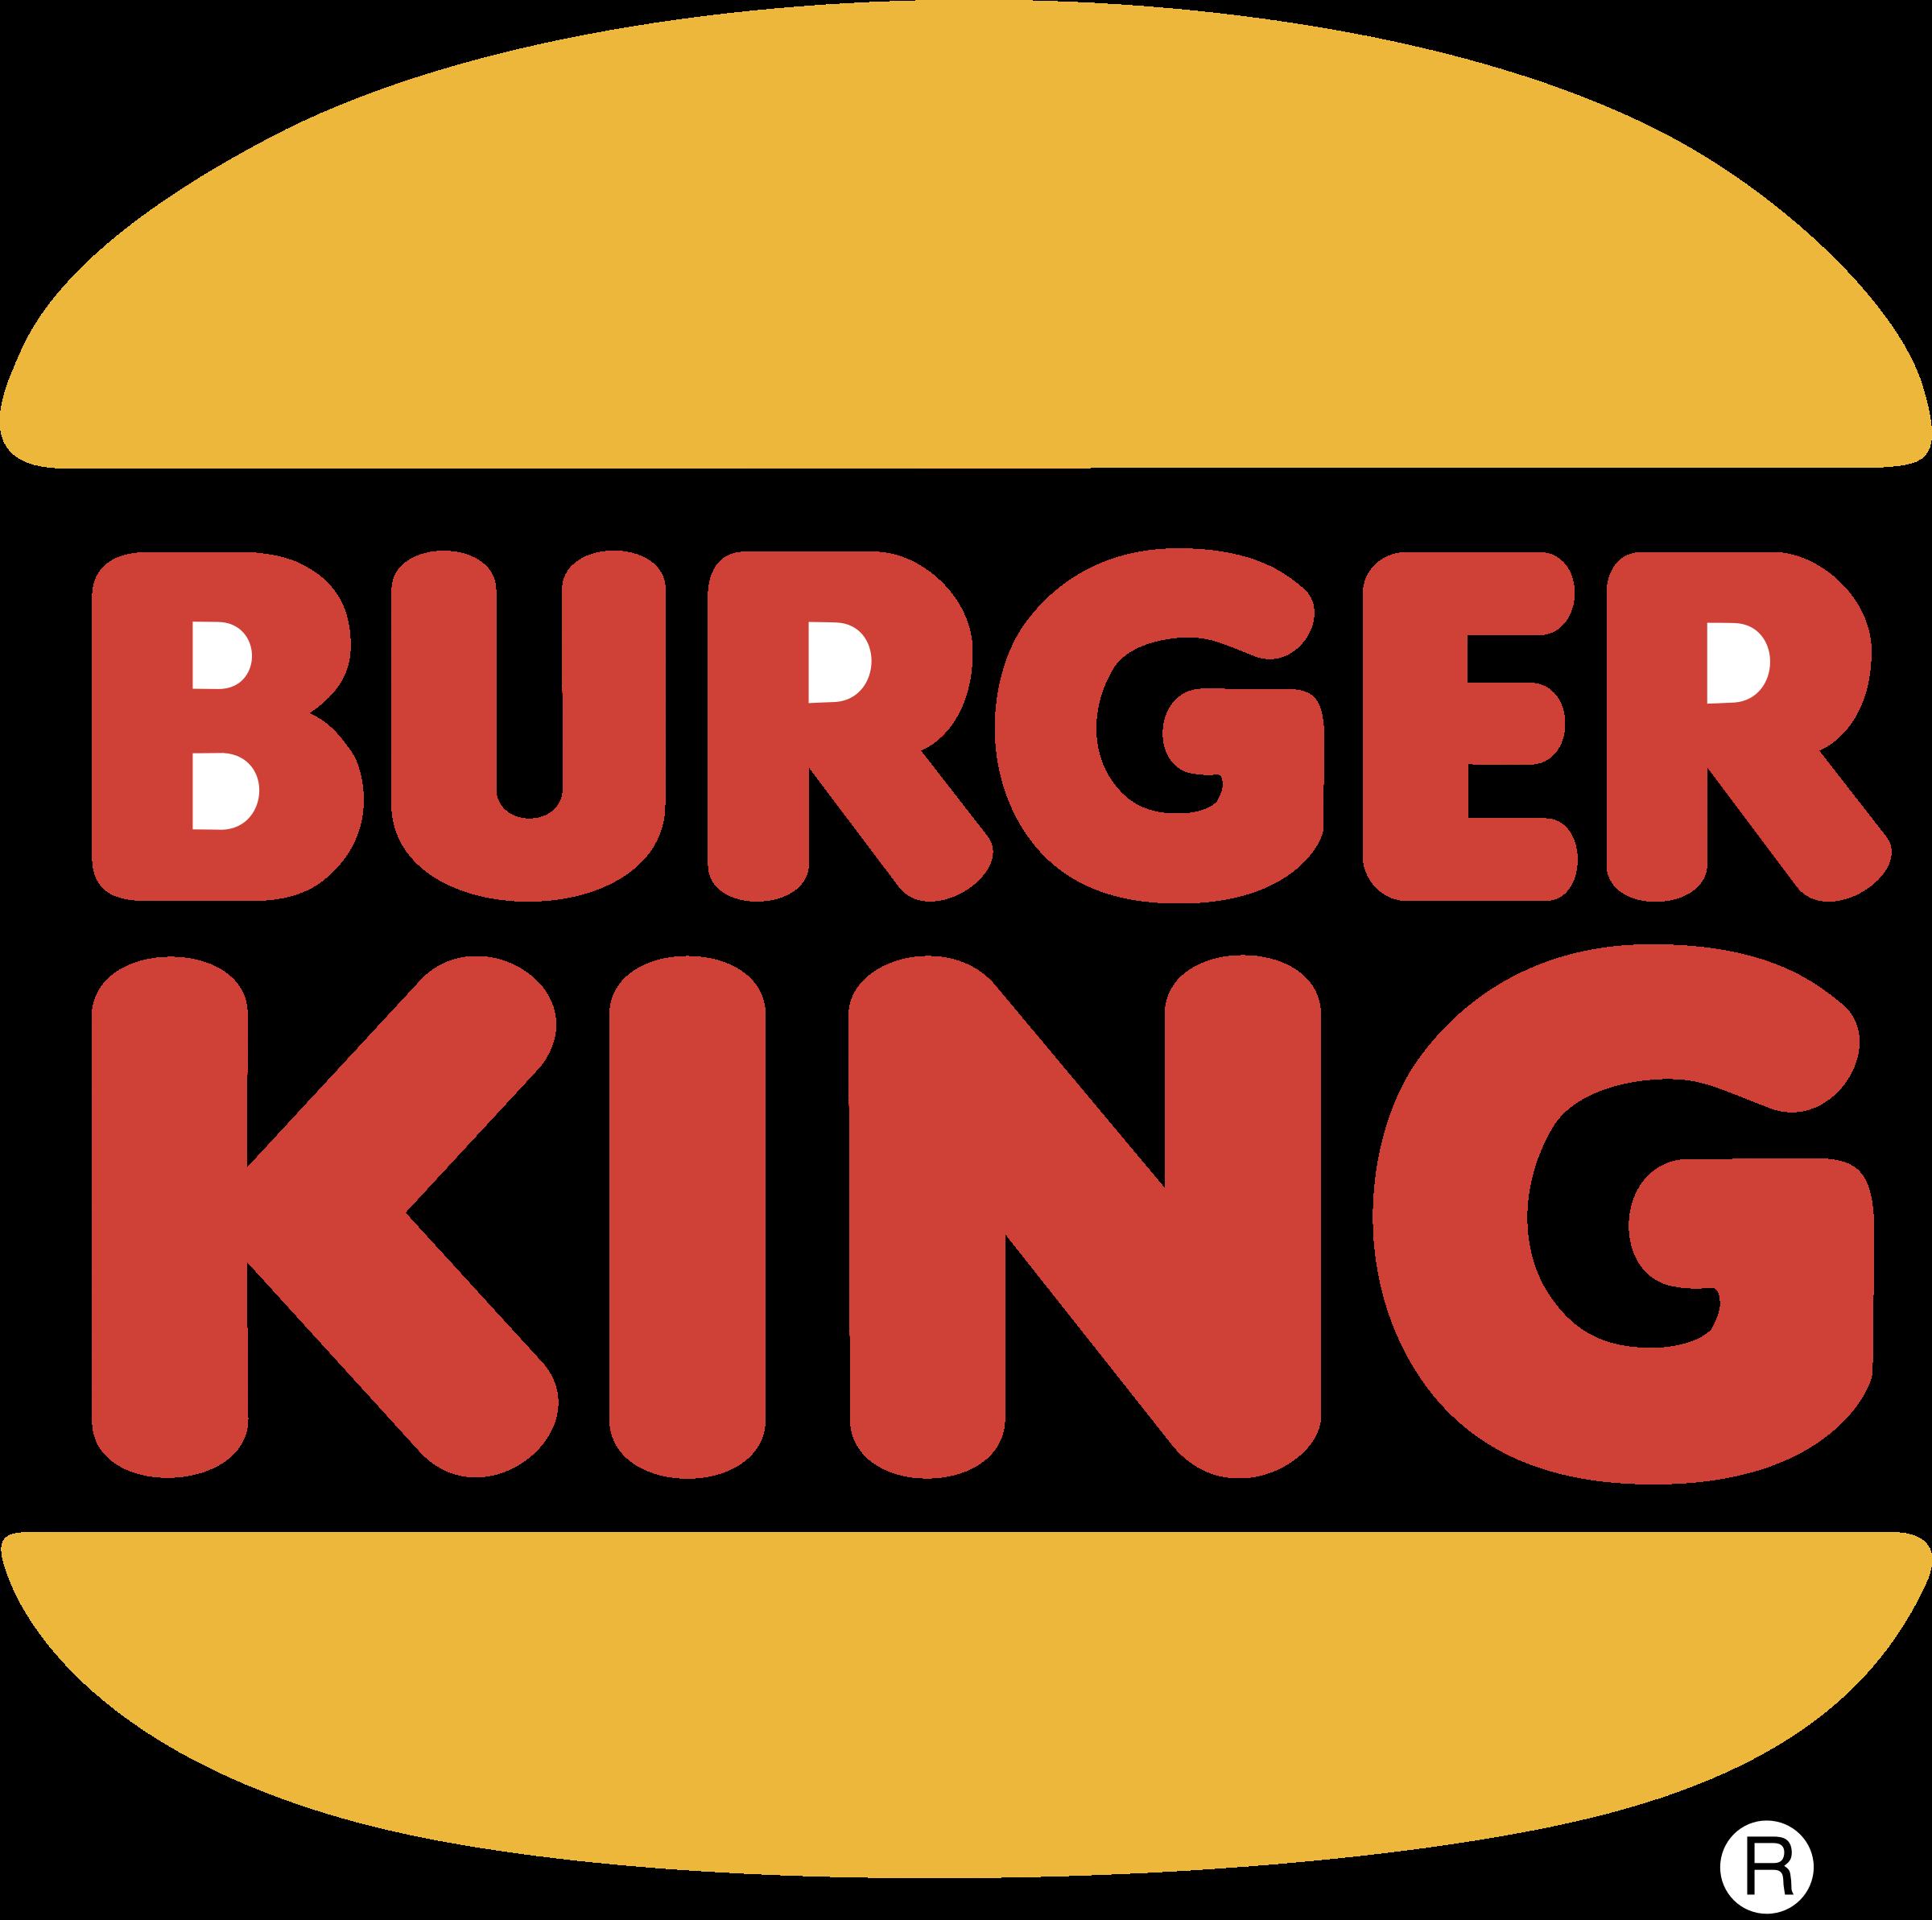 Burger King 2 Logo PNG Transparent & SVG Vector.